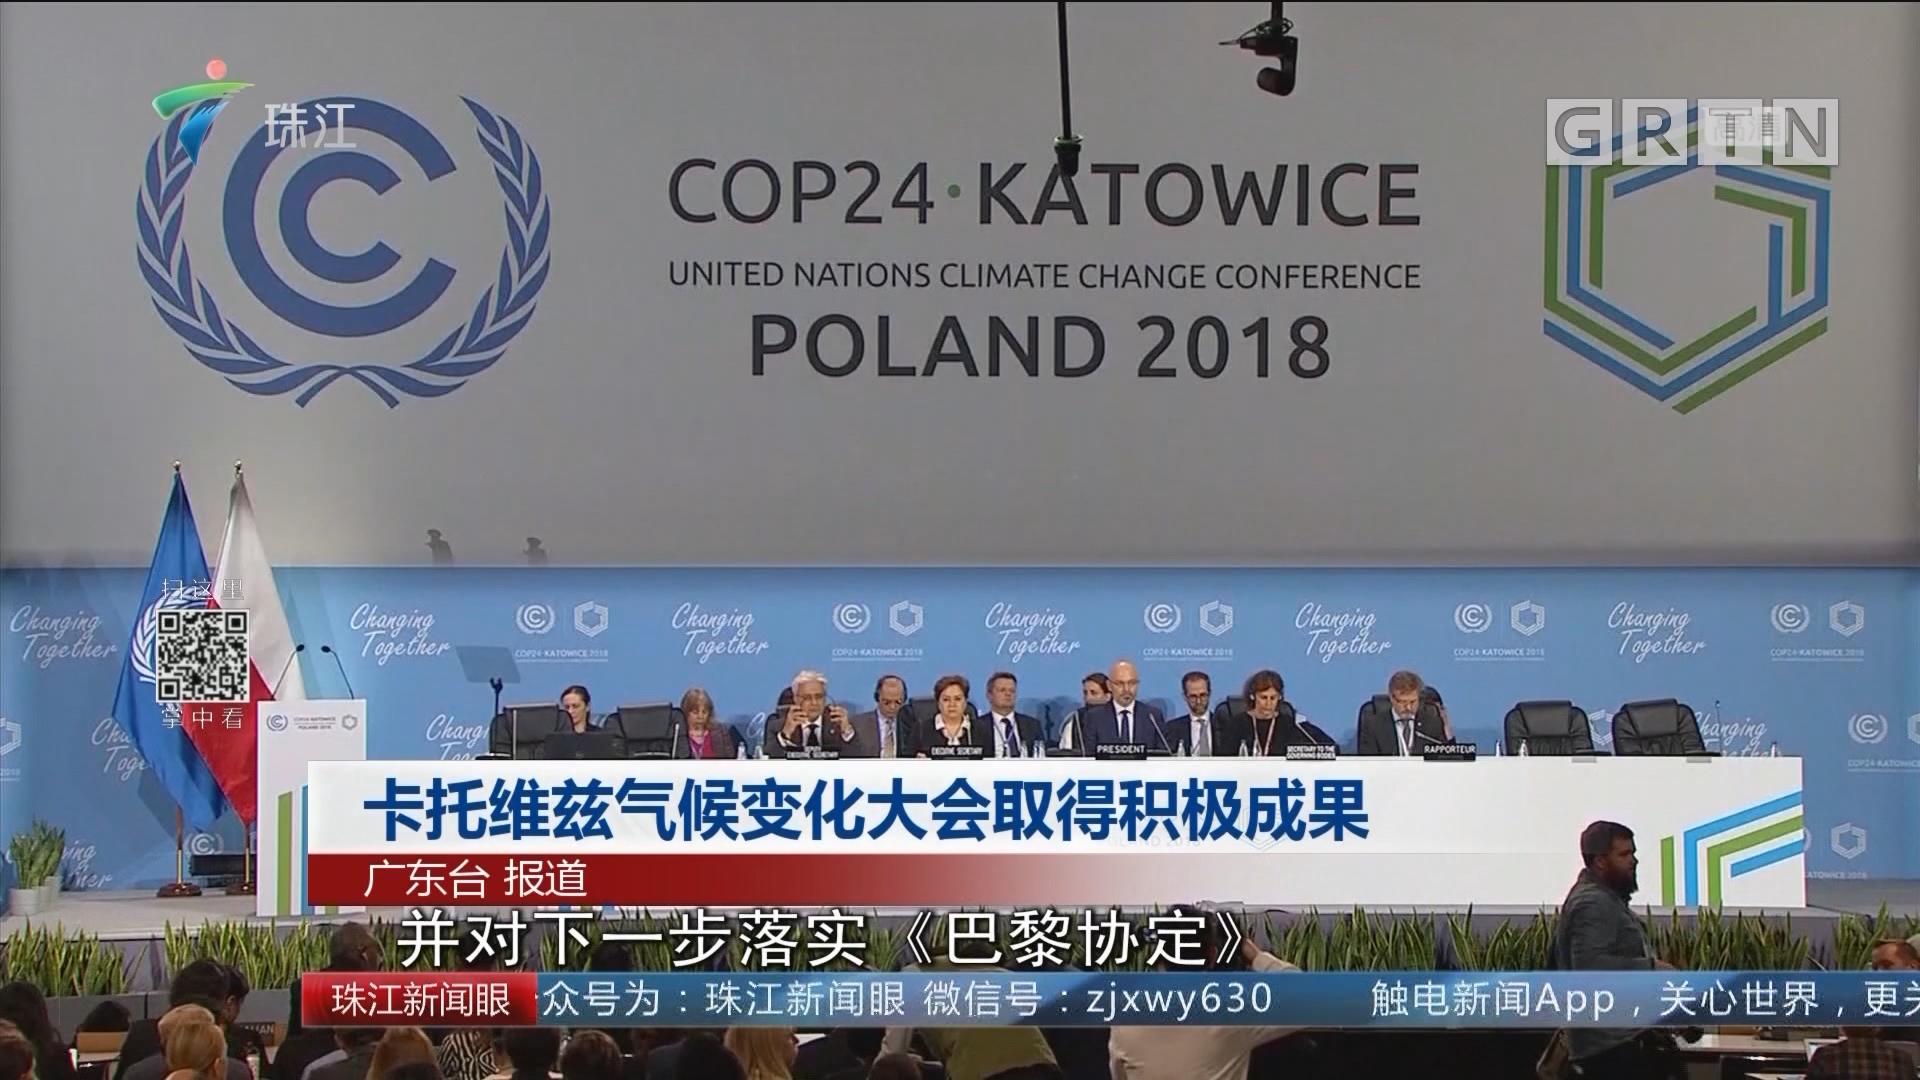 卡托维兹气候变化大会取得积极成果